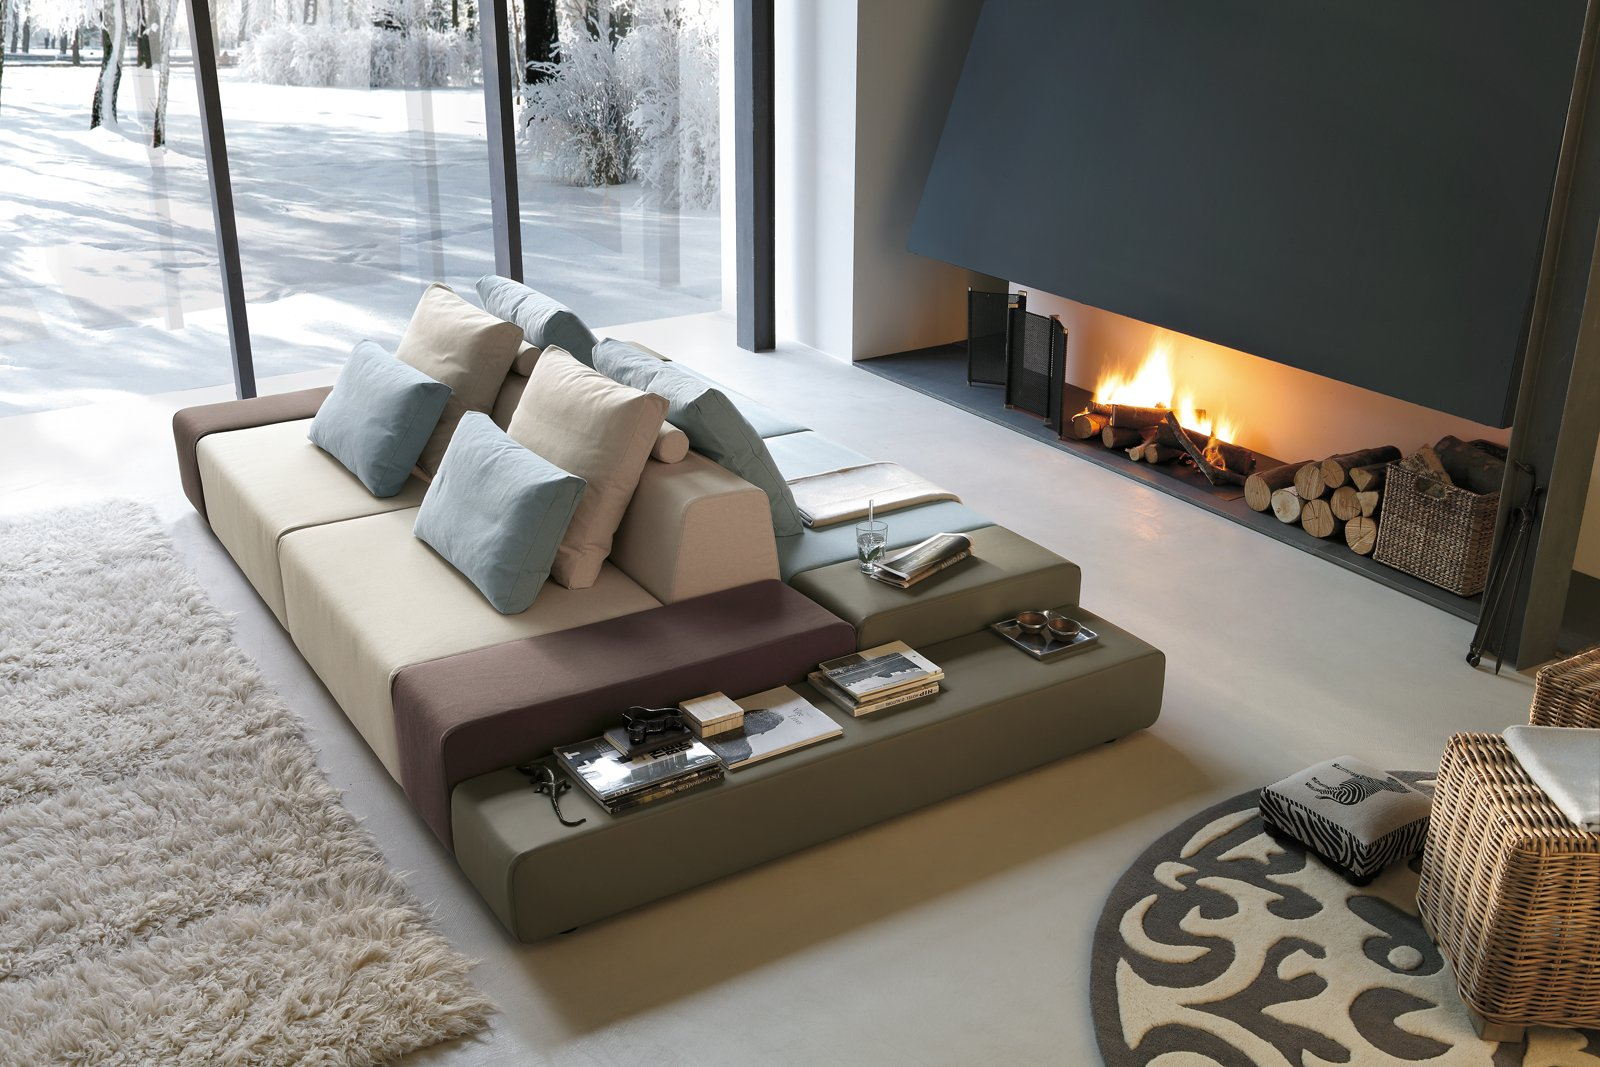 Divani con piani d 39 appoggio integrati cose di casa for Divani da design